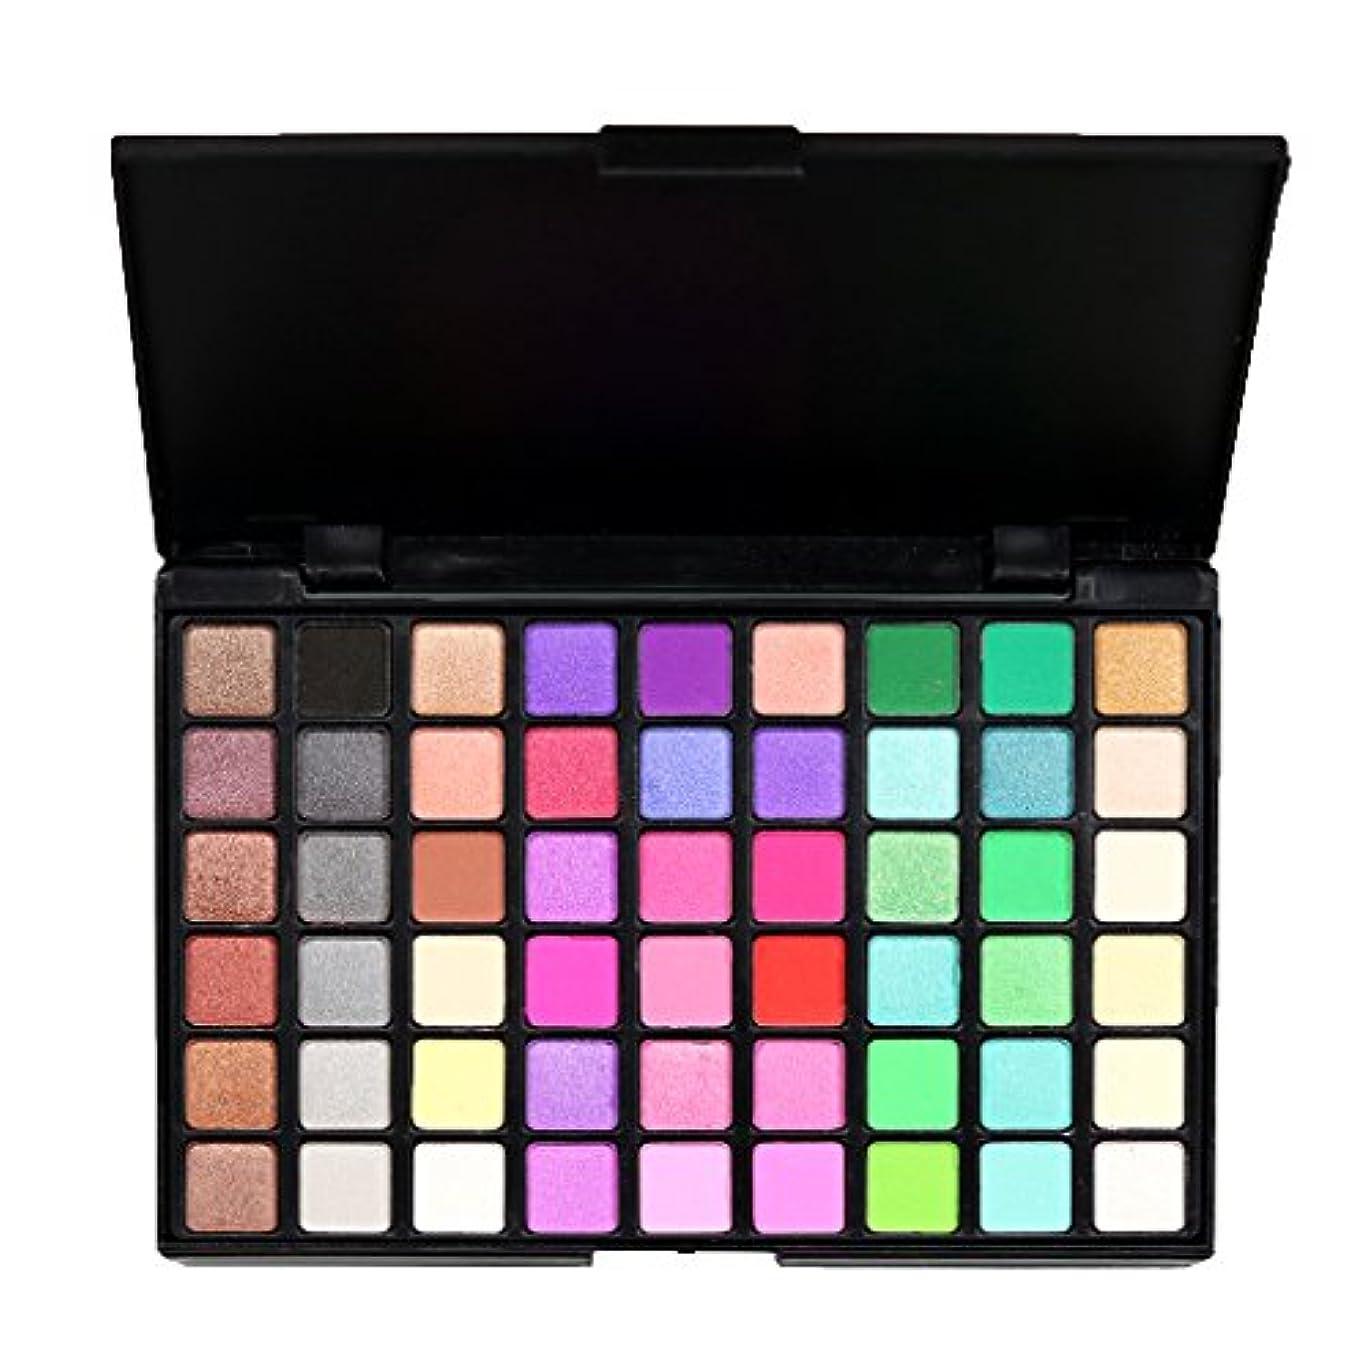 つま先聞きますワーム54色 化粧品 パウダー アイシャドウ パレット マット シマー 魅力的 全2種類 - #2